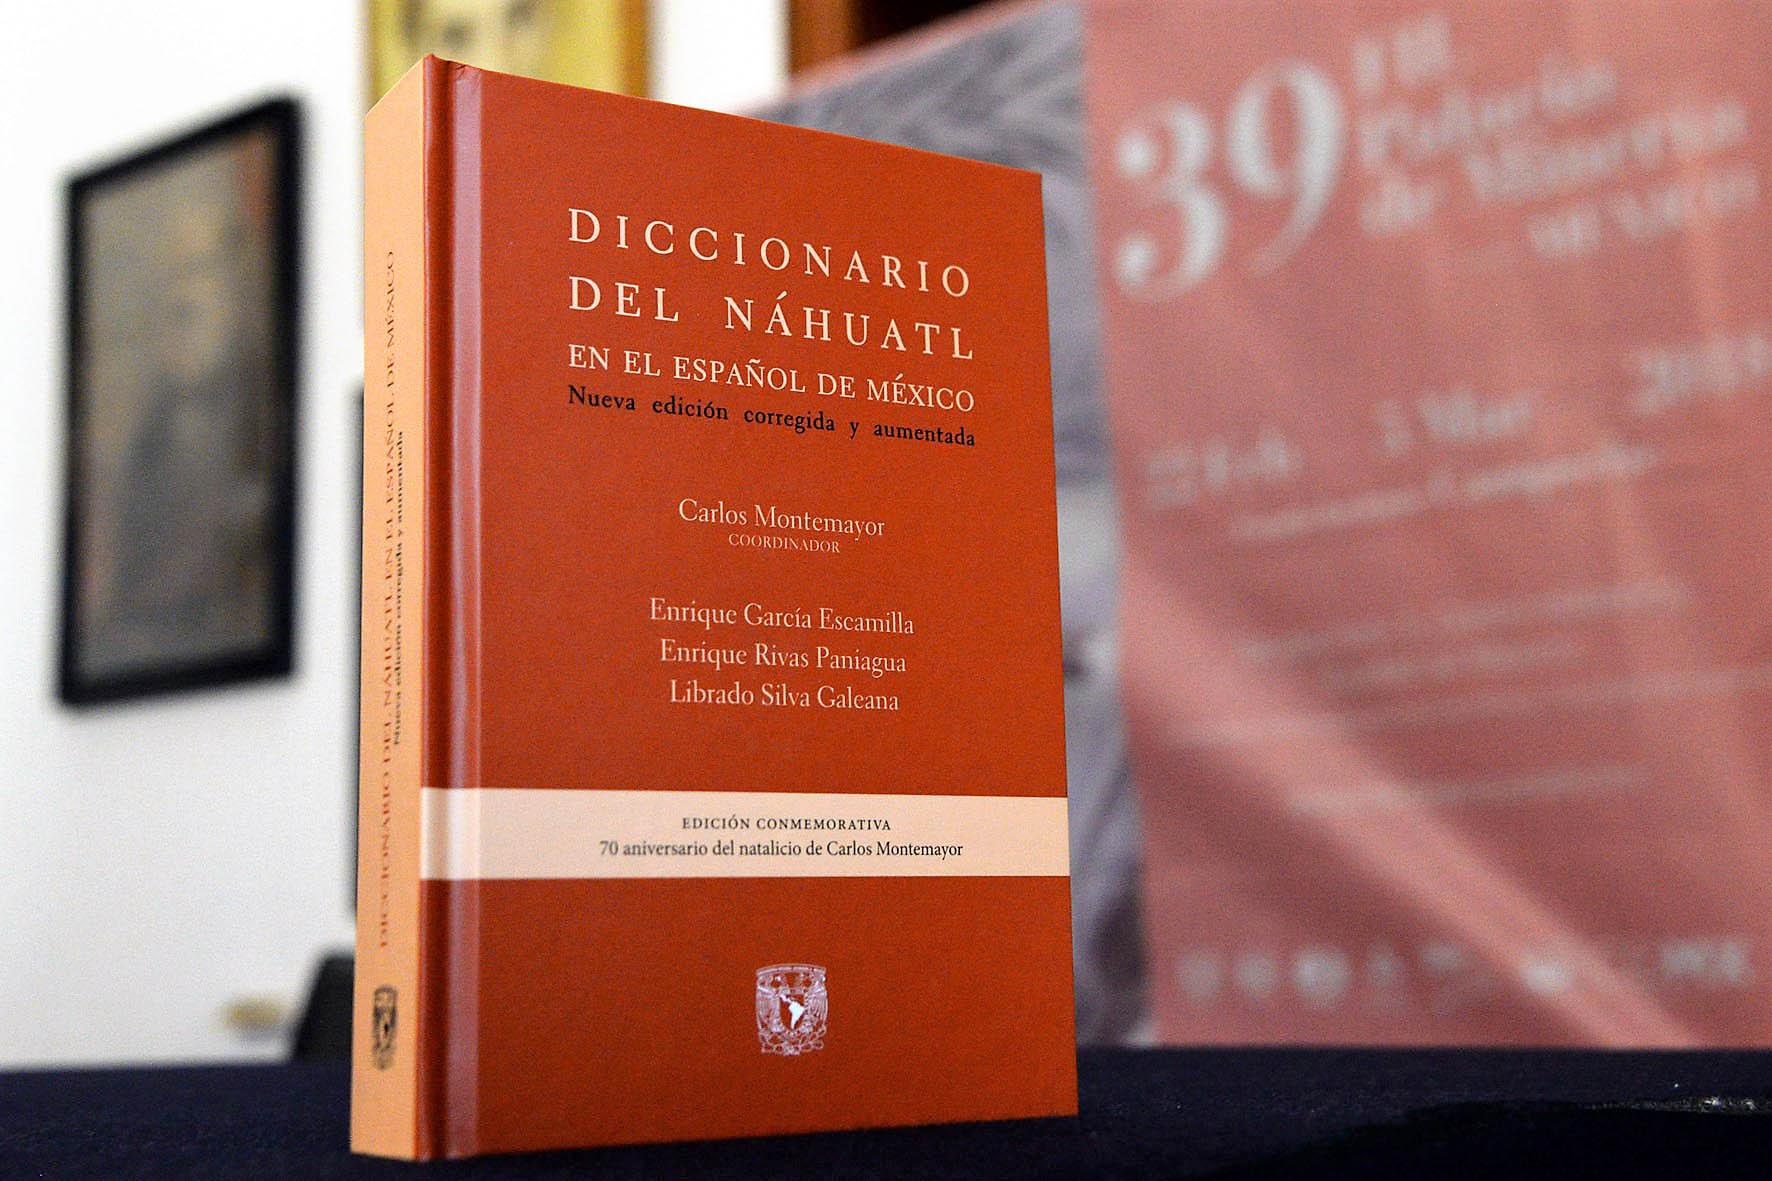 PUBLICAN EDICIÓN CONMEMORATIVA DEL DICCIONARIO DEL NÁHUATL EN EL ESPAÑOL DE MÉXICO